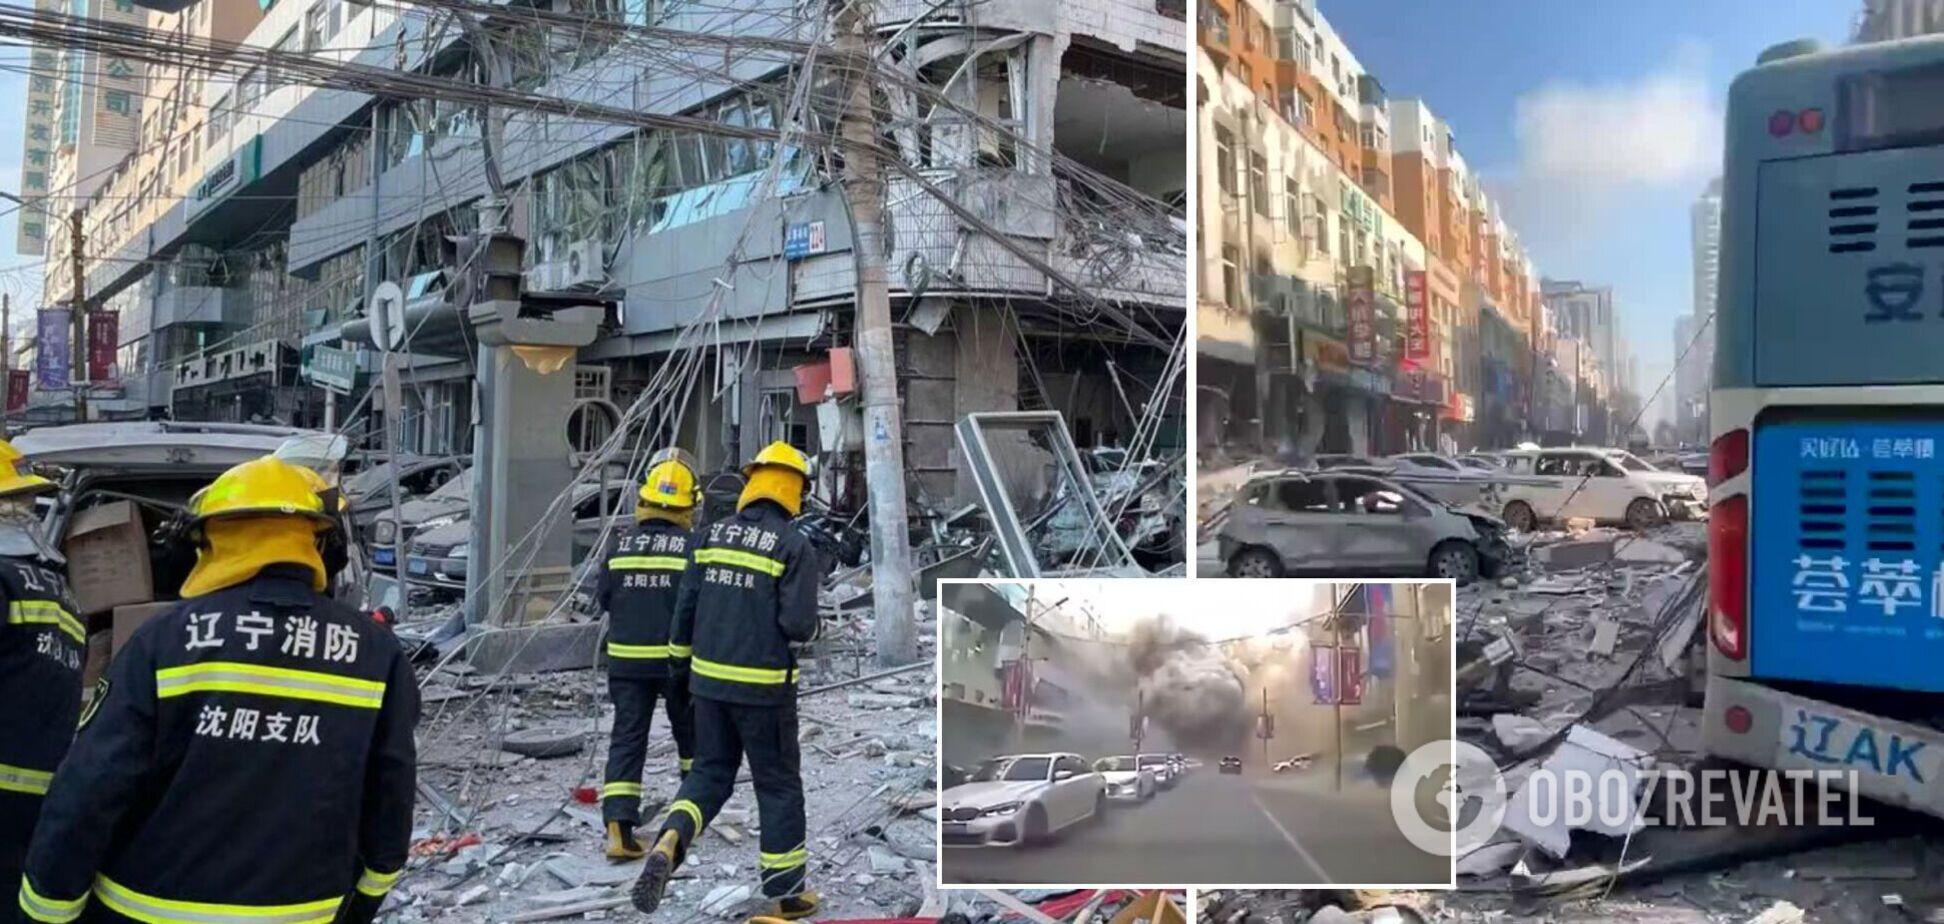 У Китаї прогримів потужний вибух у ресторані: є загиблі, десятки постраждалих. Фото і відео